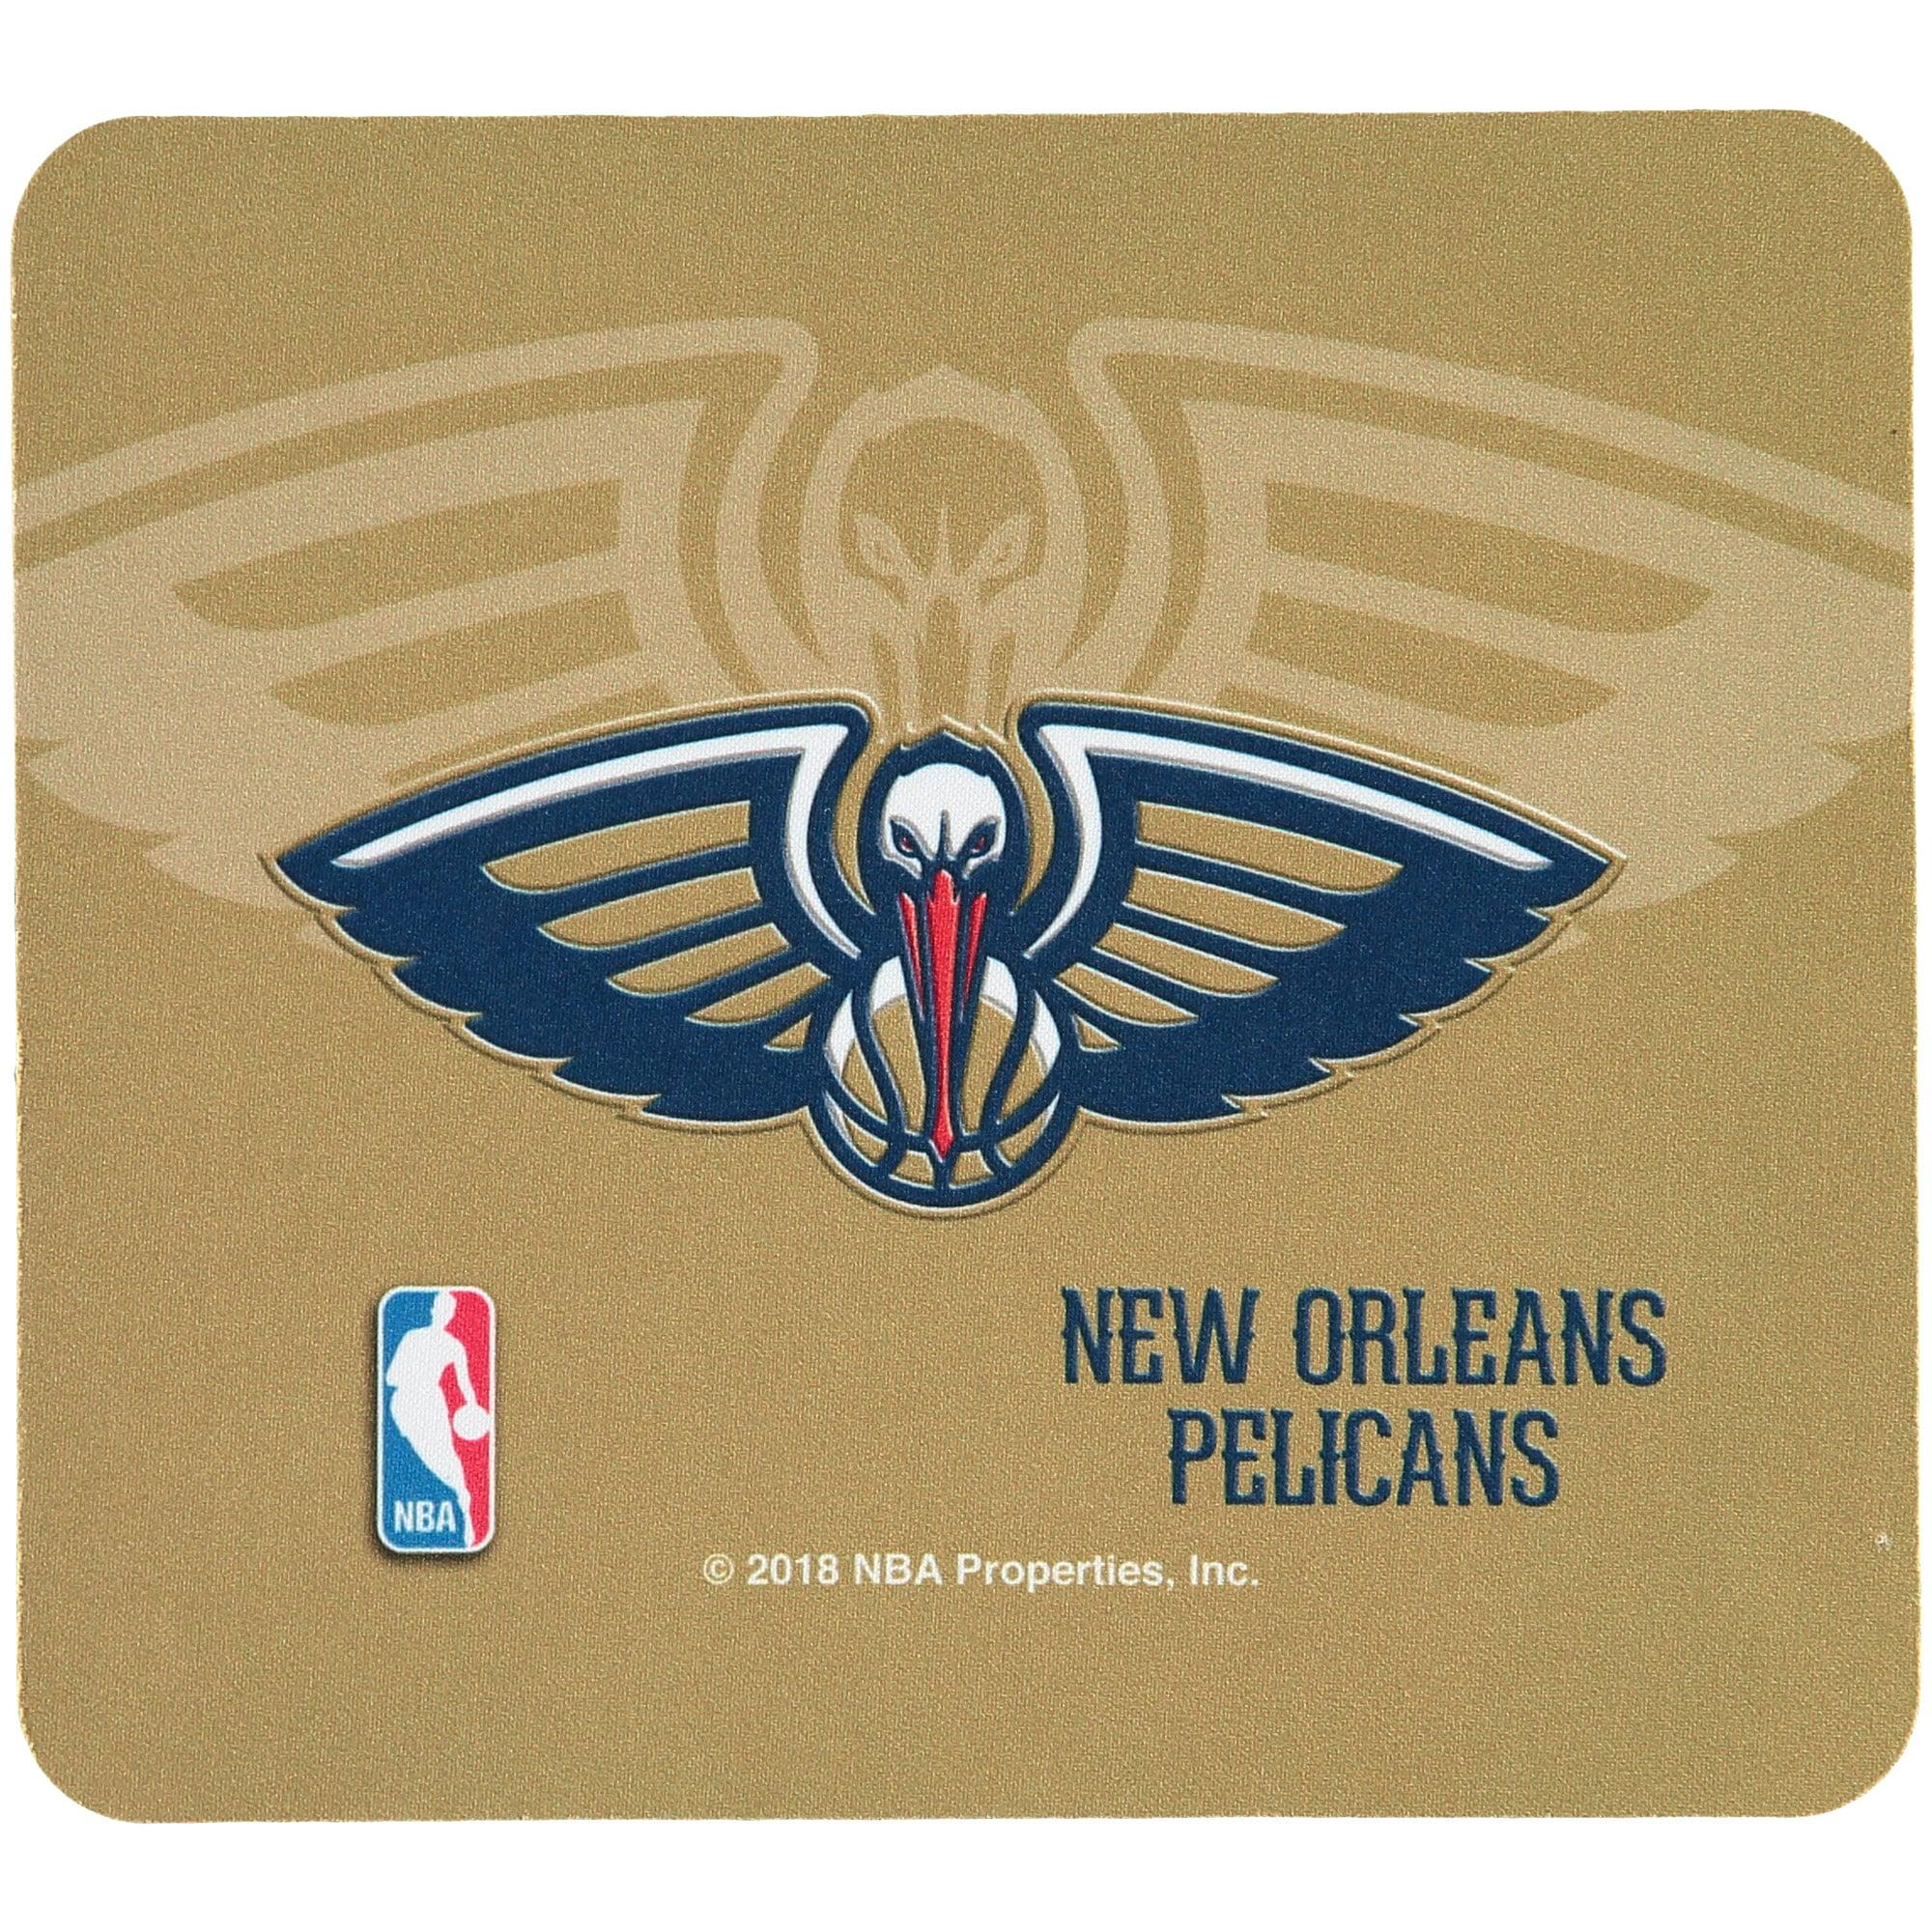 New Orleans Pelicans 3D Mouse Pad